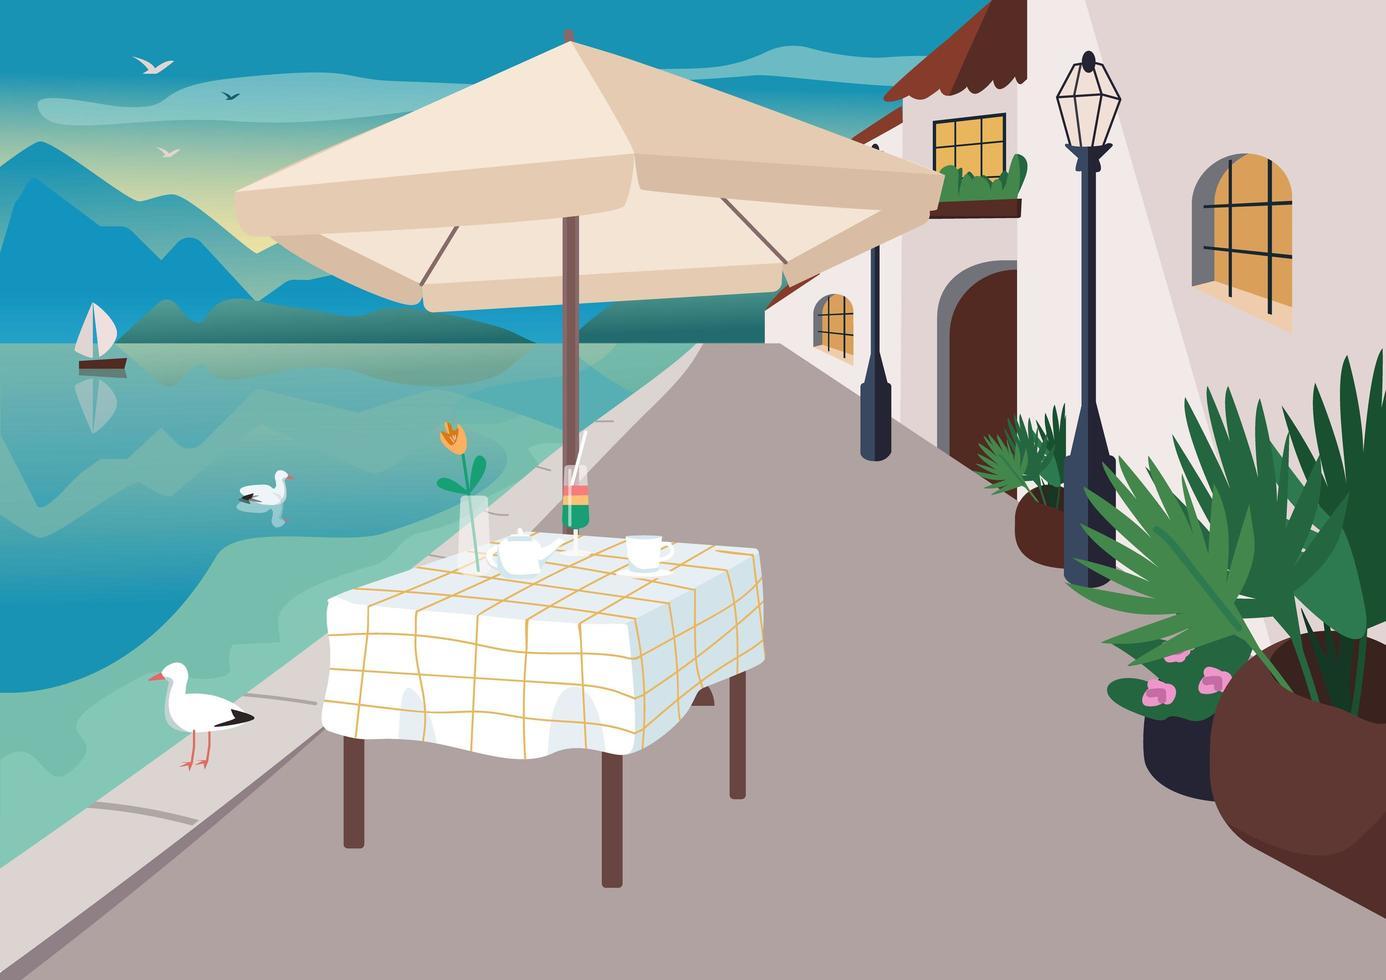 straatrestaurant in badplaatsdorp vector